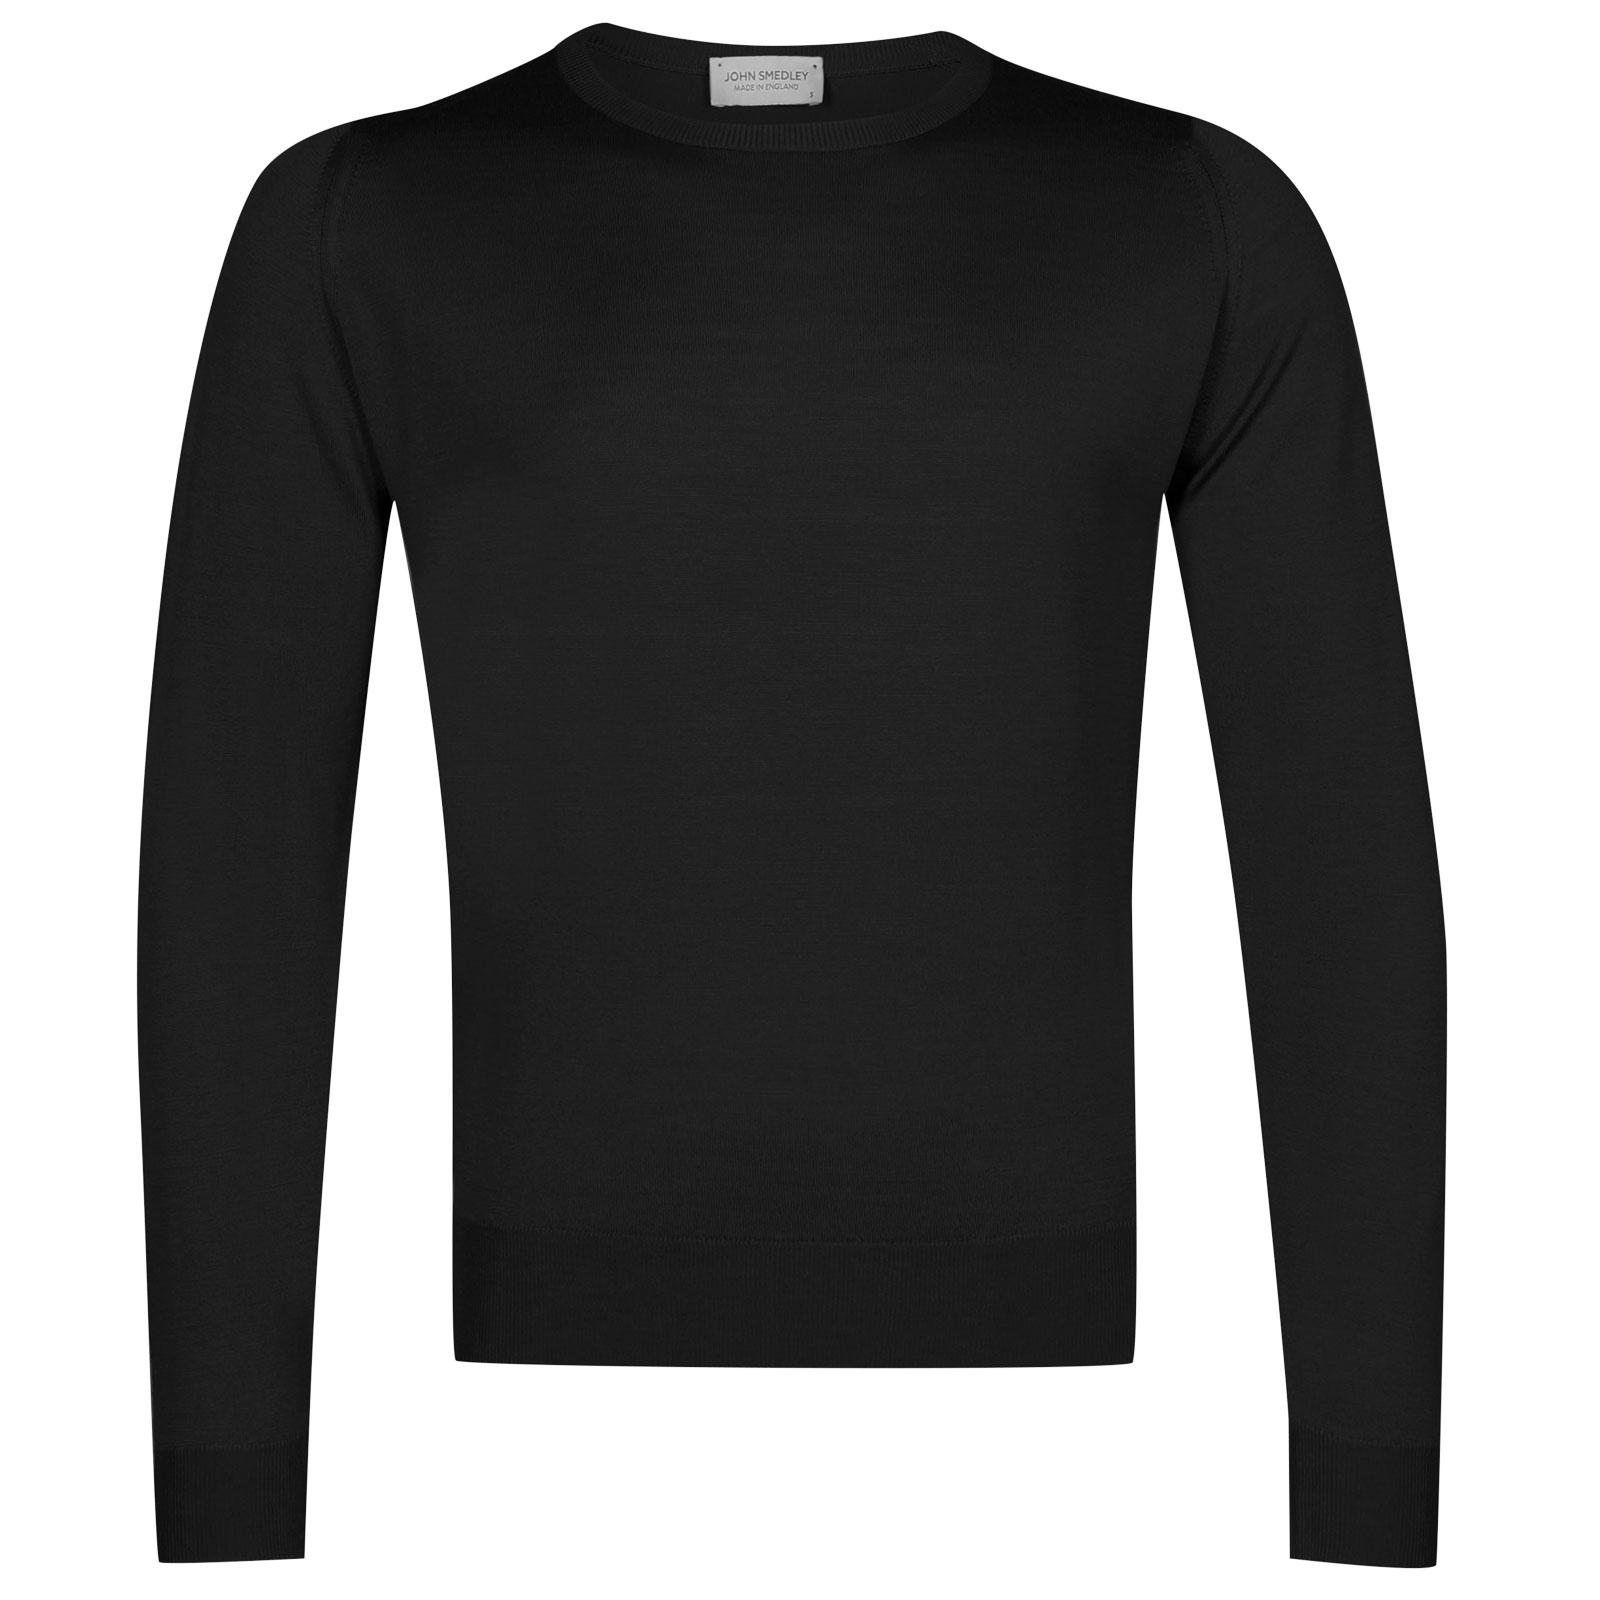 John Smedley sicily Merino Wool Pullover in Black-XXL